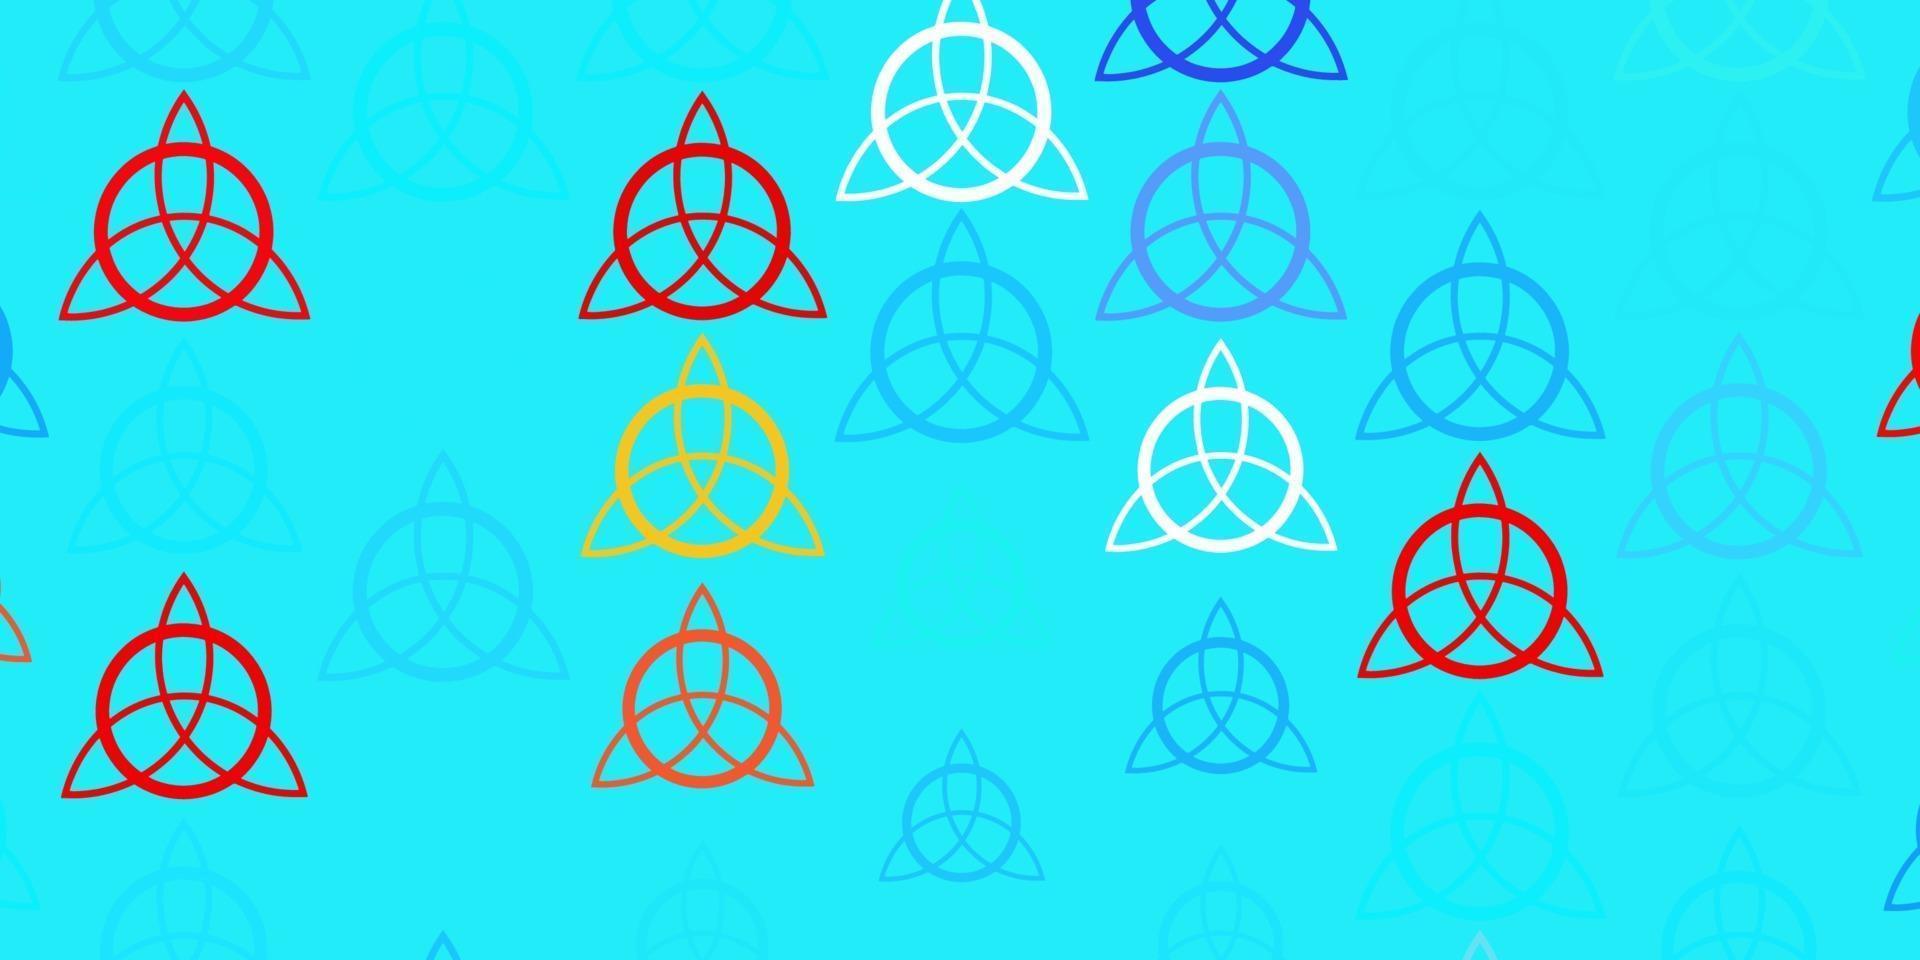 ljusblå, röd vektorbakgrund med ockulta symboler. vektor